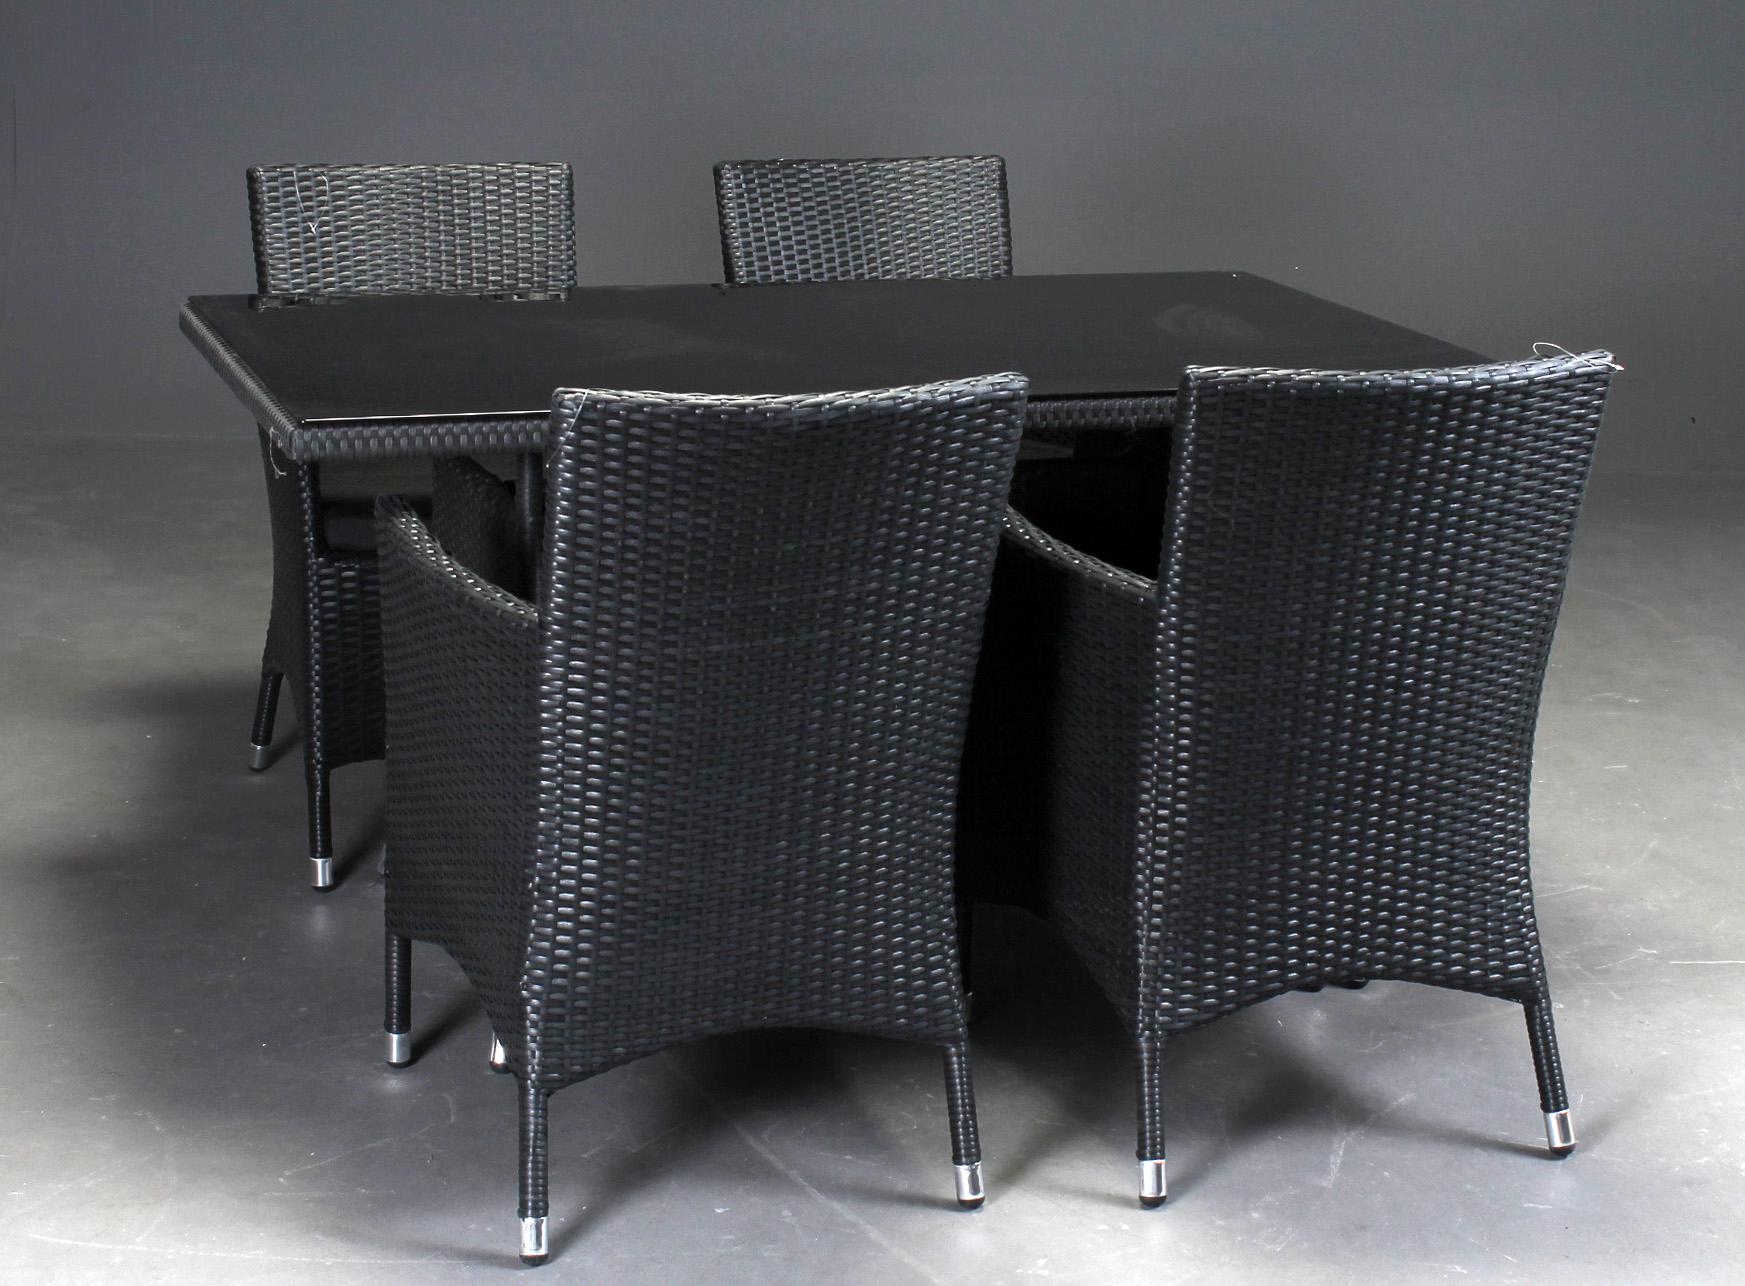 Havemøbelsæt, fire stole samt bord polyrattan - Havemøbler bestående af: Havebord model Amadeus stel af aluminium med sort polyrattan bordplade af hærdet glas, sortmateret. H. 74 B. 80 L. 140 cm. Fire Royal sorte polyrattan stole med aluminiumsstel med hynder